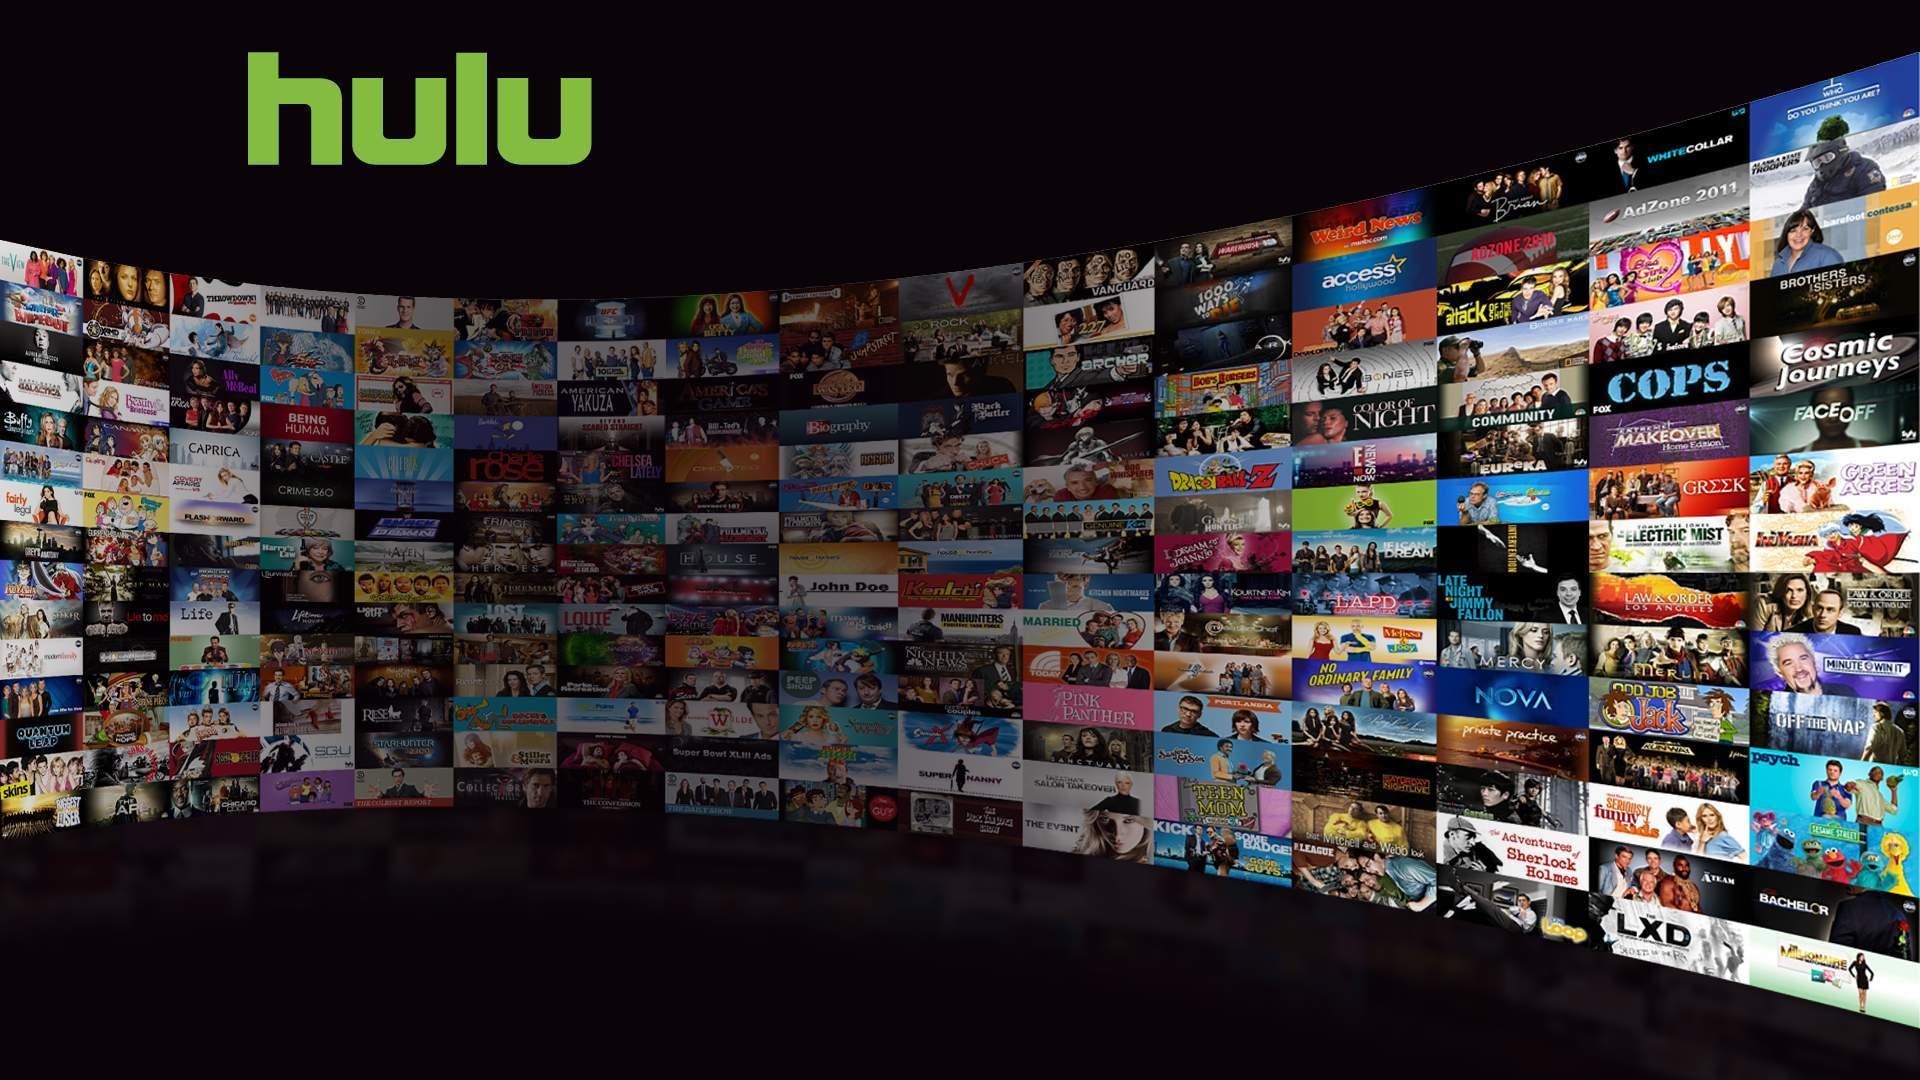 Yahoo! quiere hacerse con Hulu